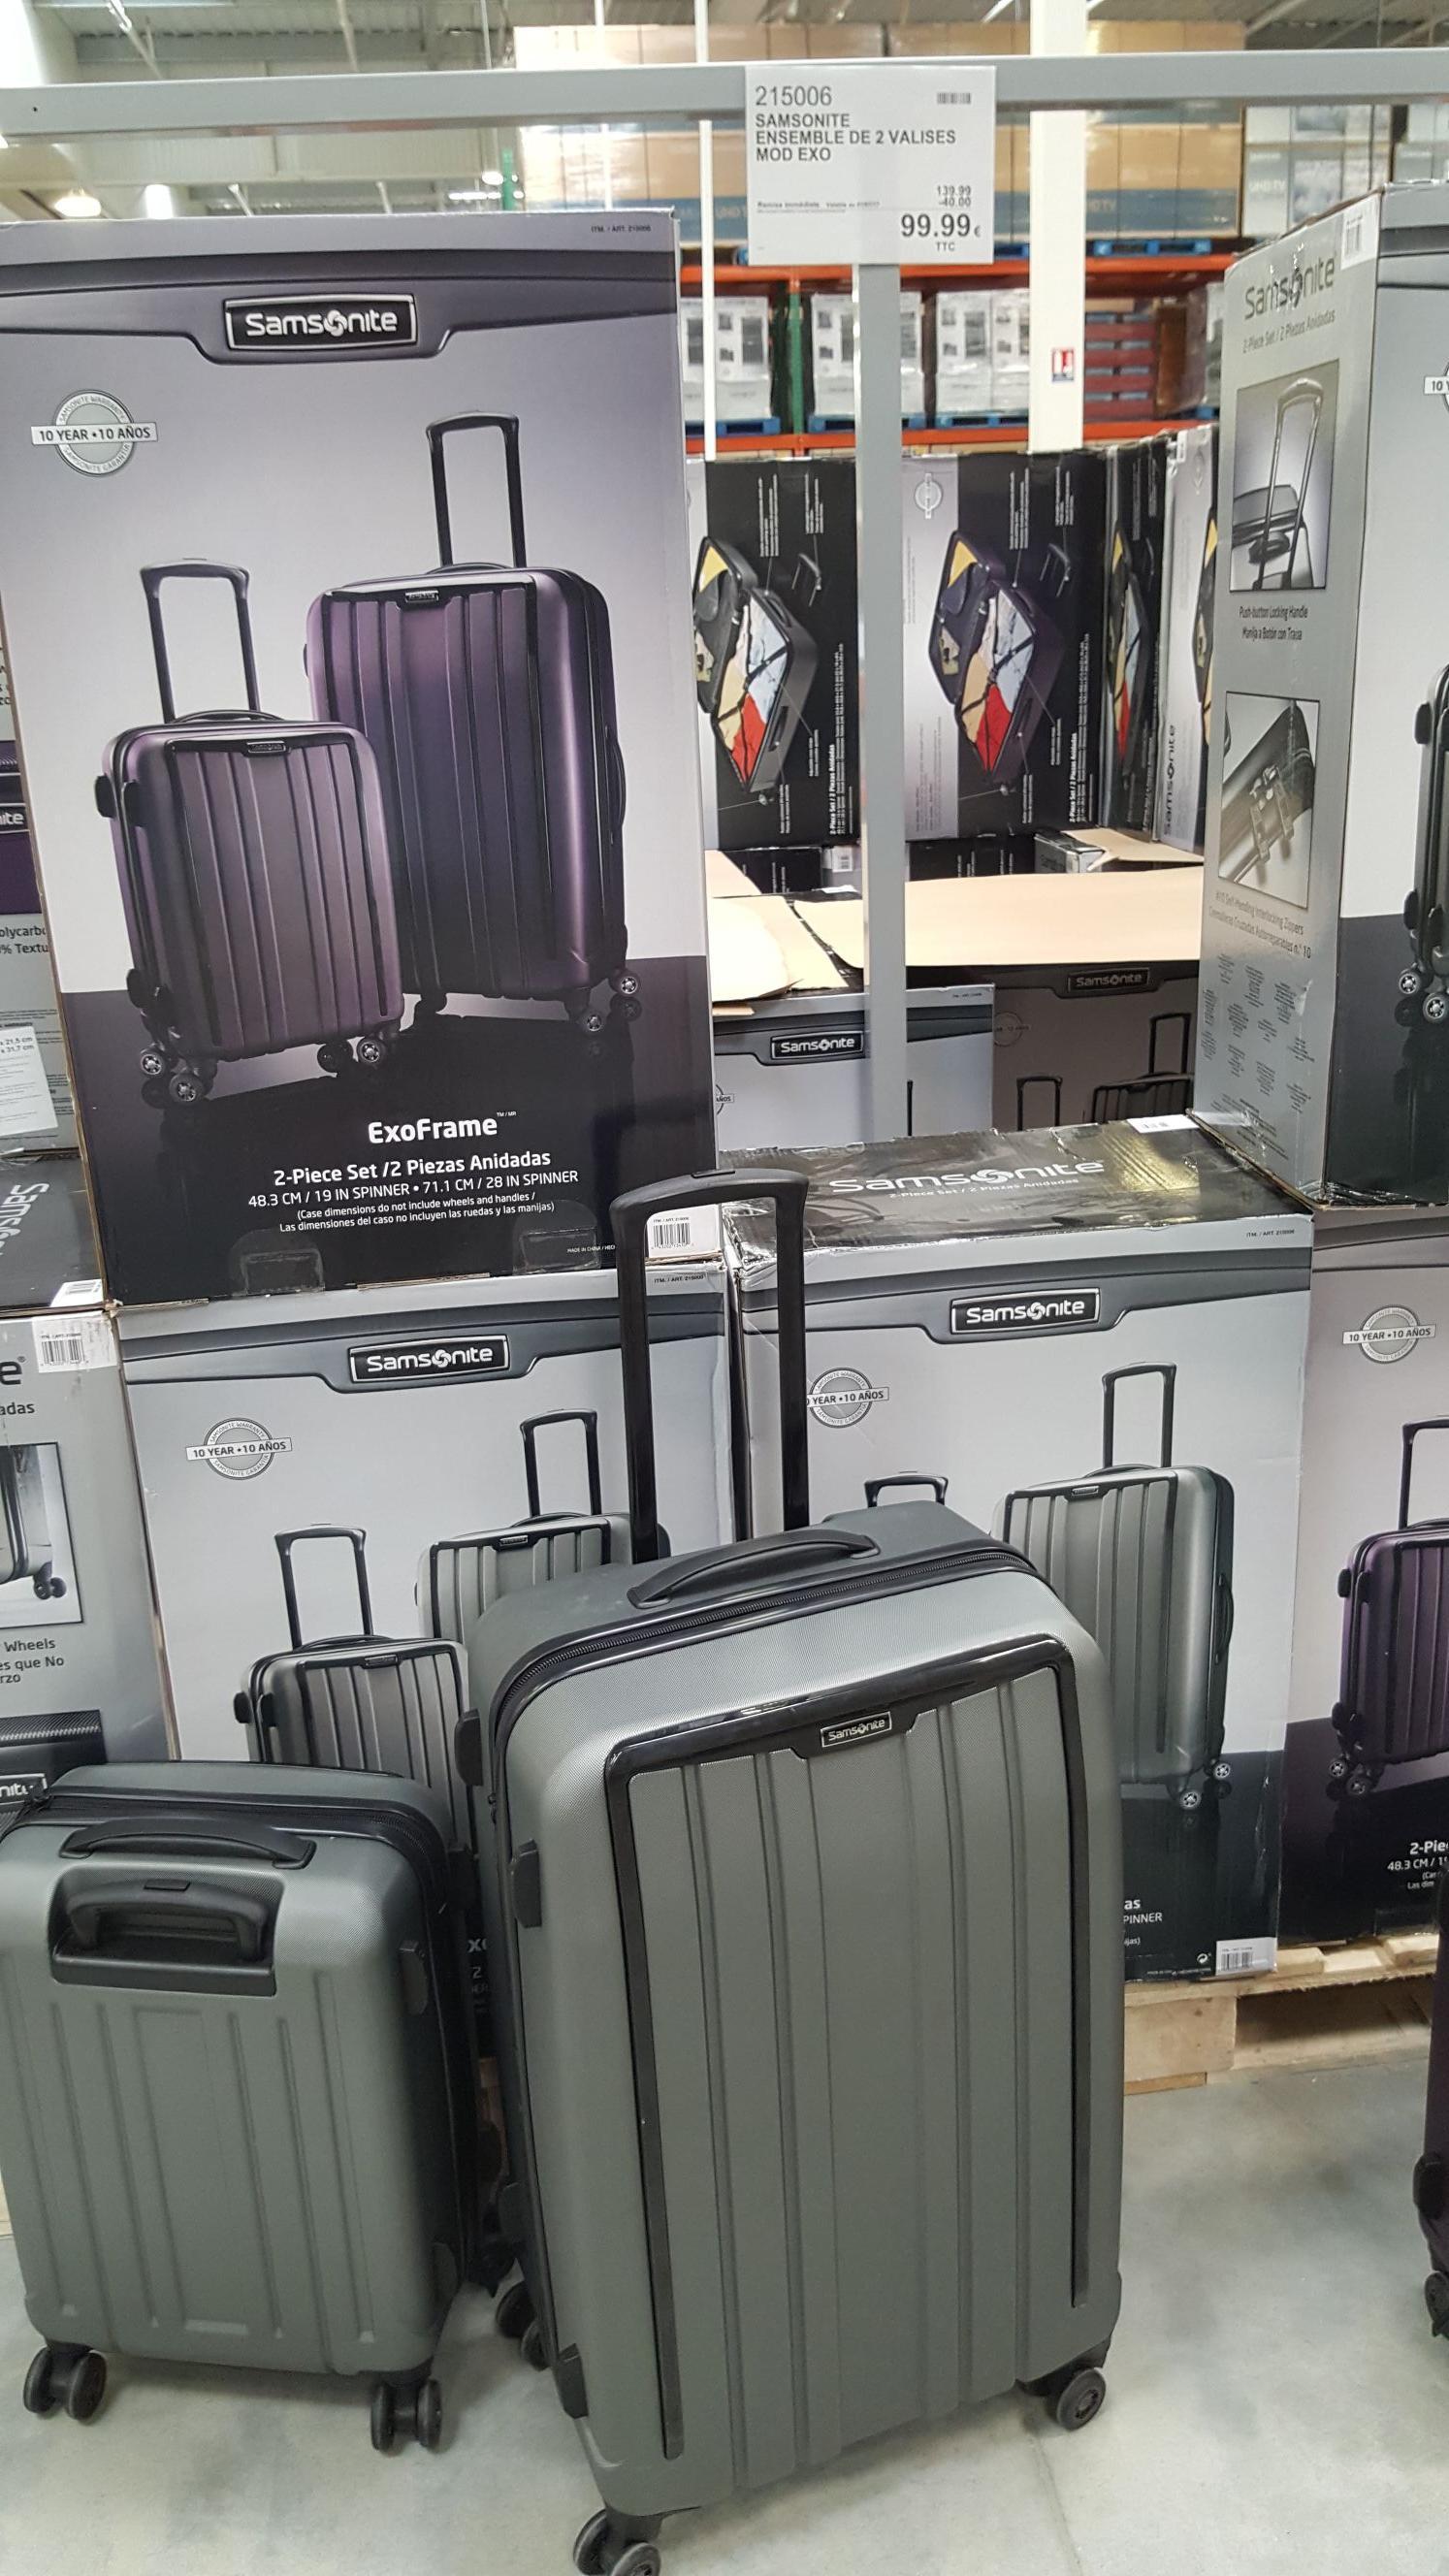 [Carte CostCo] Lot de 2 valises Samsonite - 48.3cm et 71.1cm - Villebon-sur-Yvette (91)